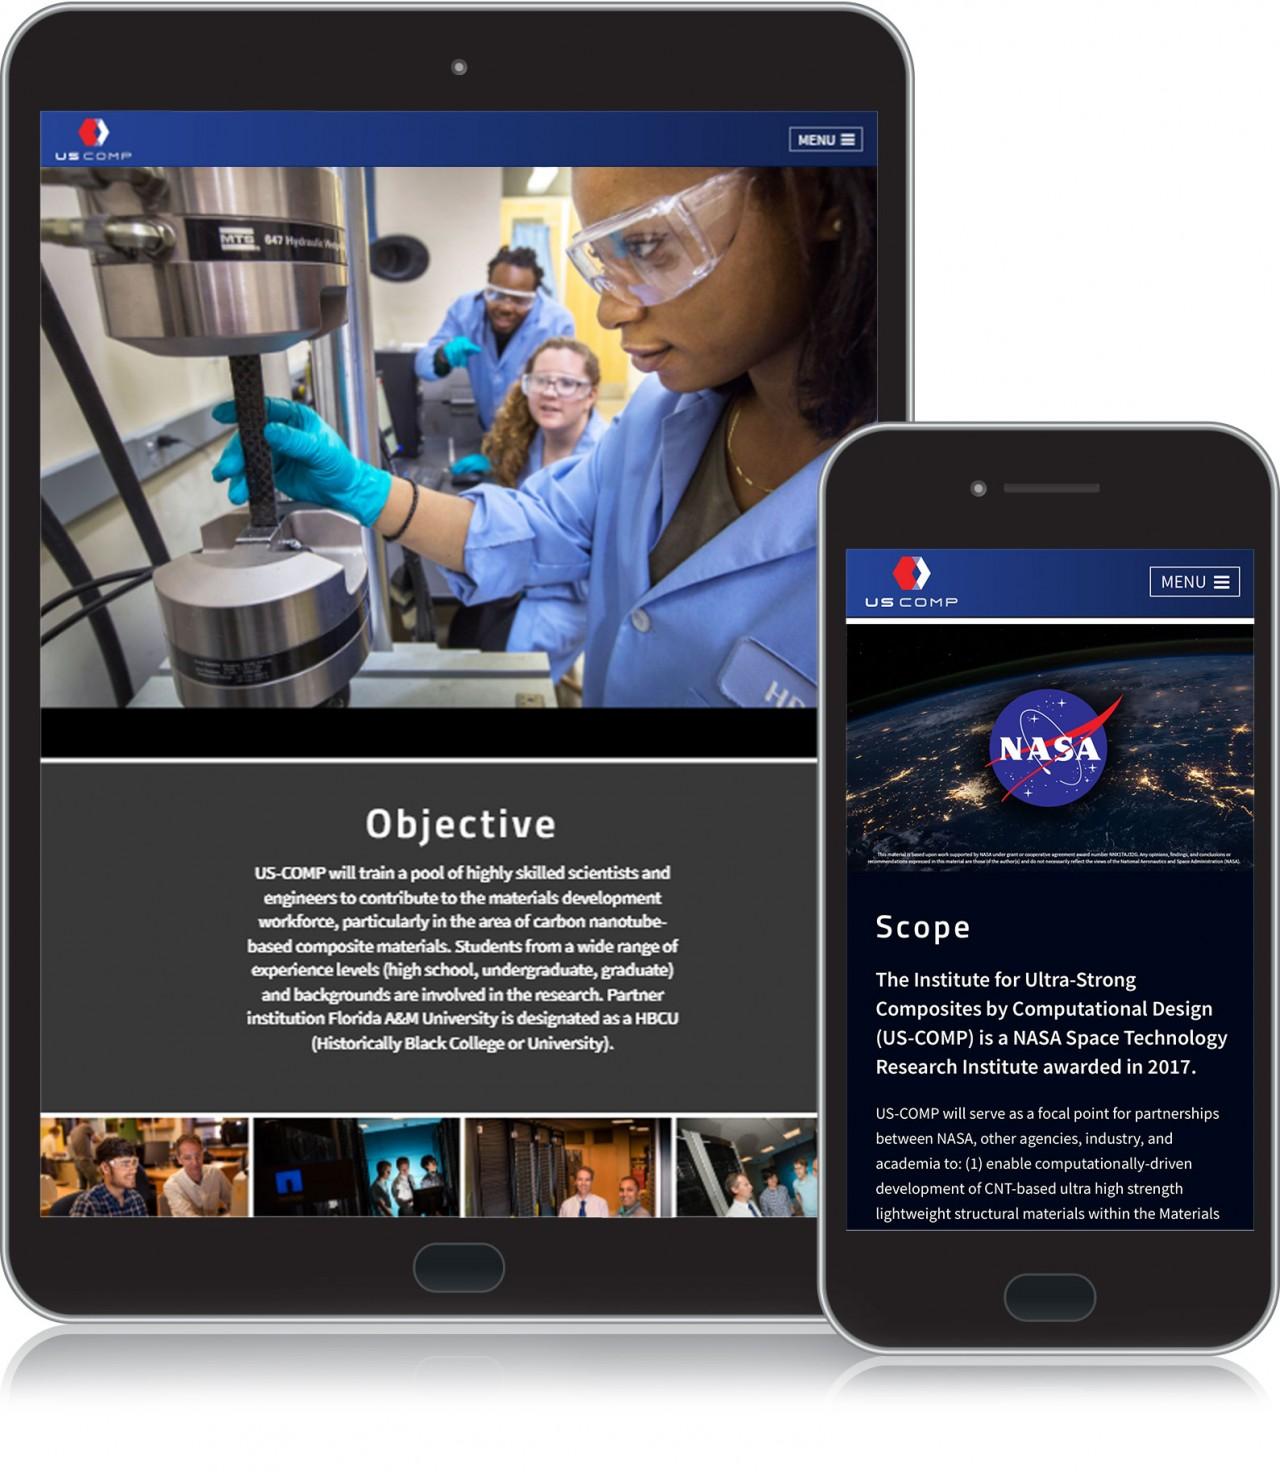 monte tablet mobile friendly website design